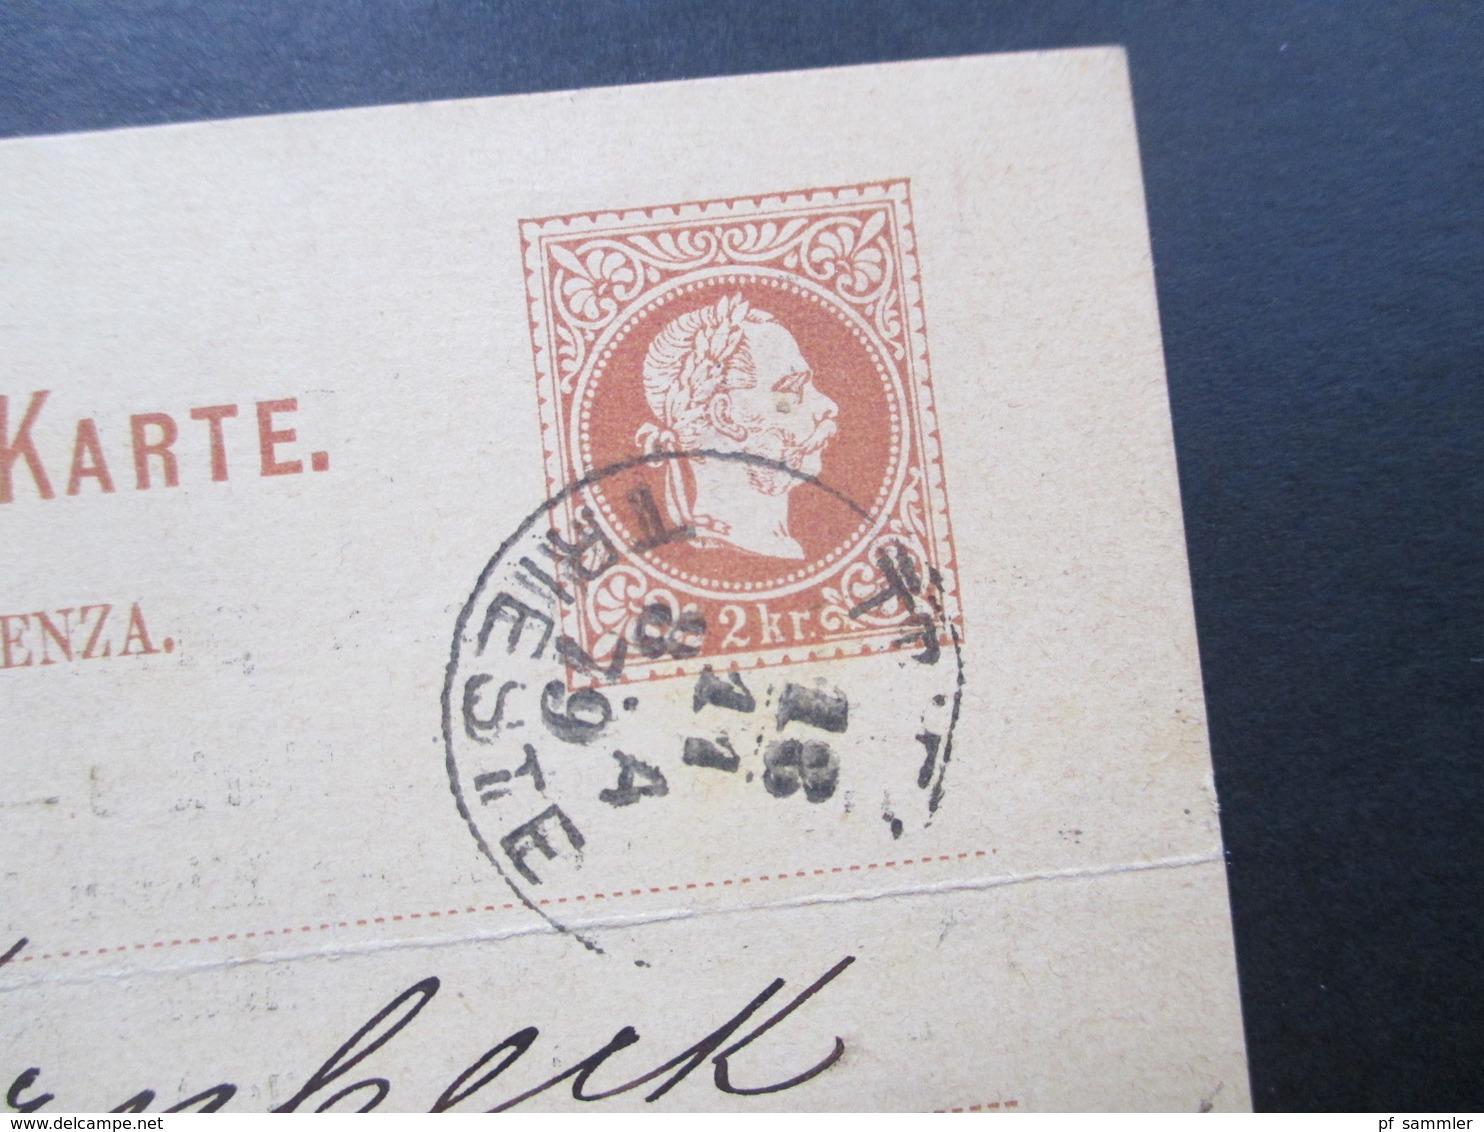 Österreich 1879 Ganzsache (Ital.) Triest. Rückseitig: Offeriren Prima Messina Apfelsinen. Triester Marktverein - 1850-1918 Imperium